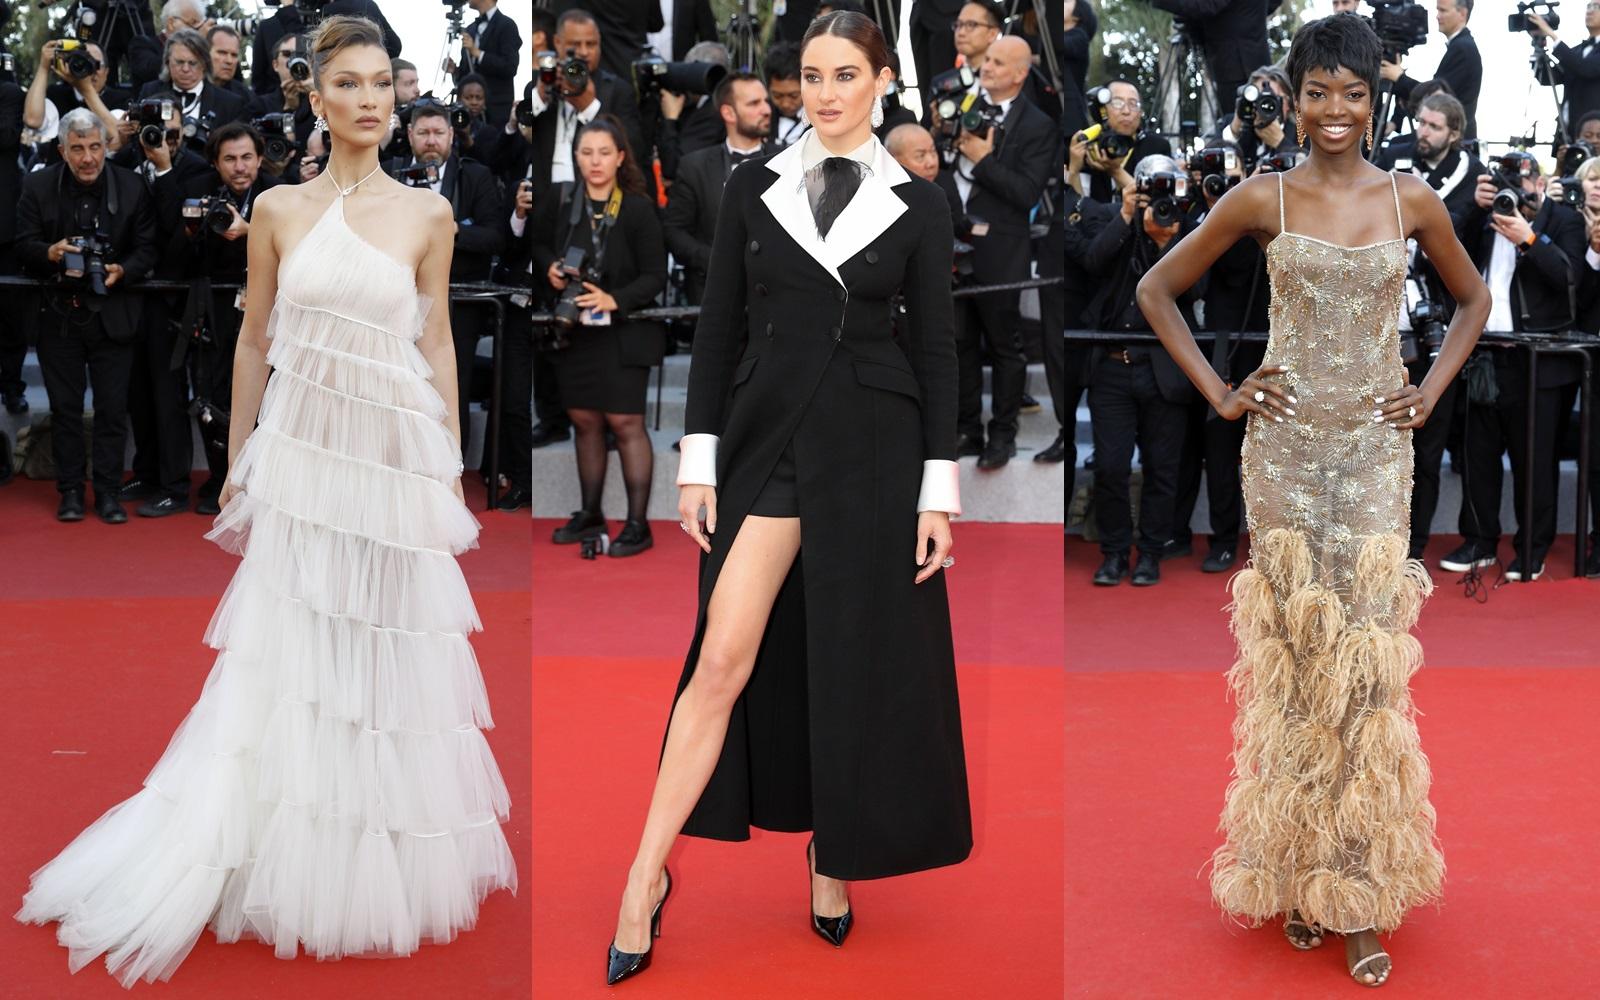 Ce au purtat celebritățile în a treia seară a Festivalului de Film de la Cannes 2019